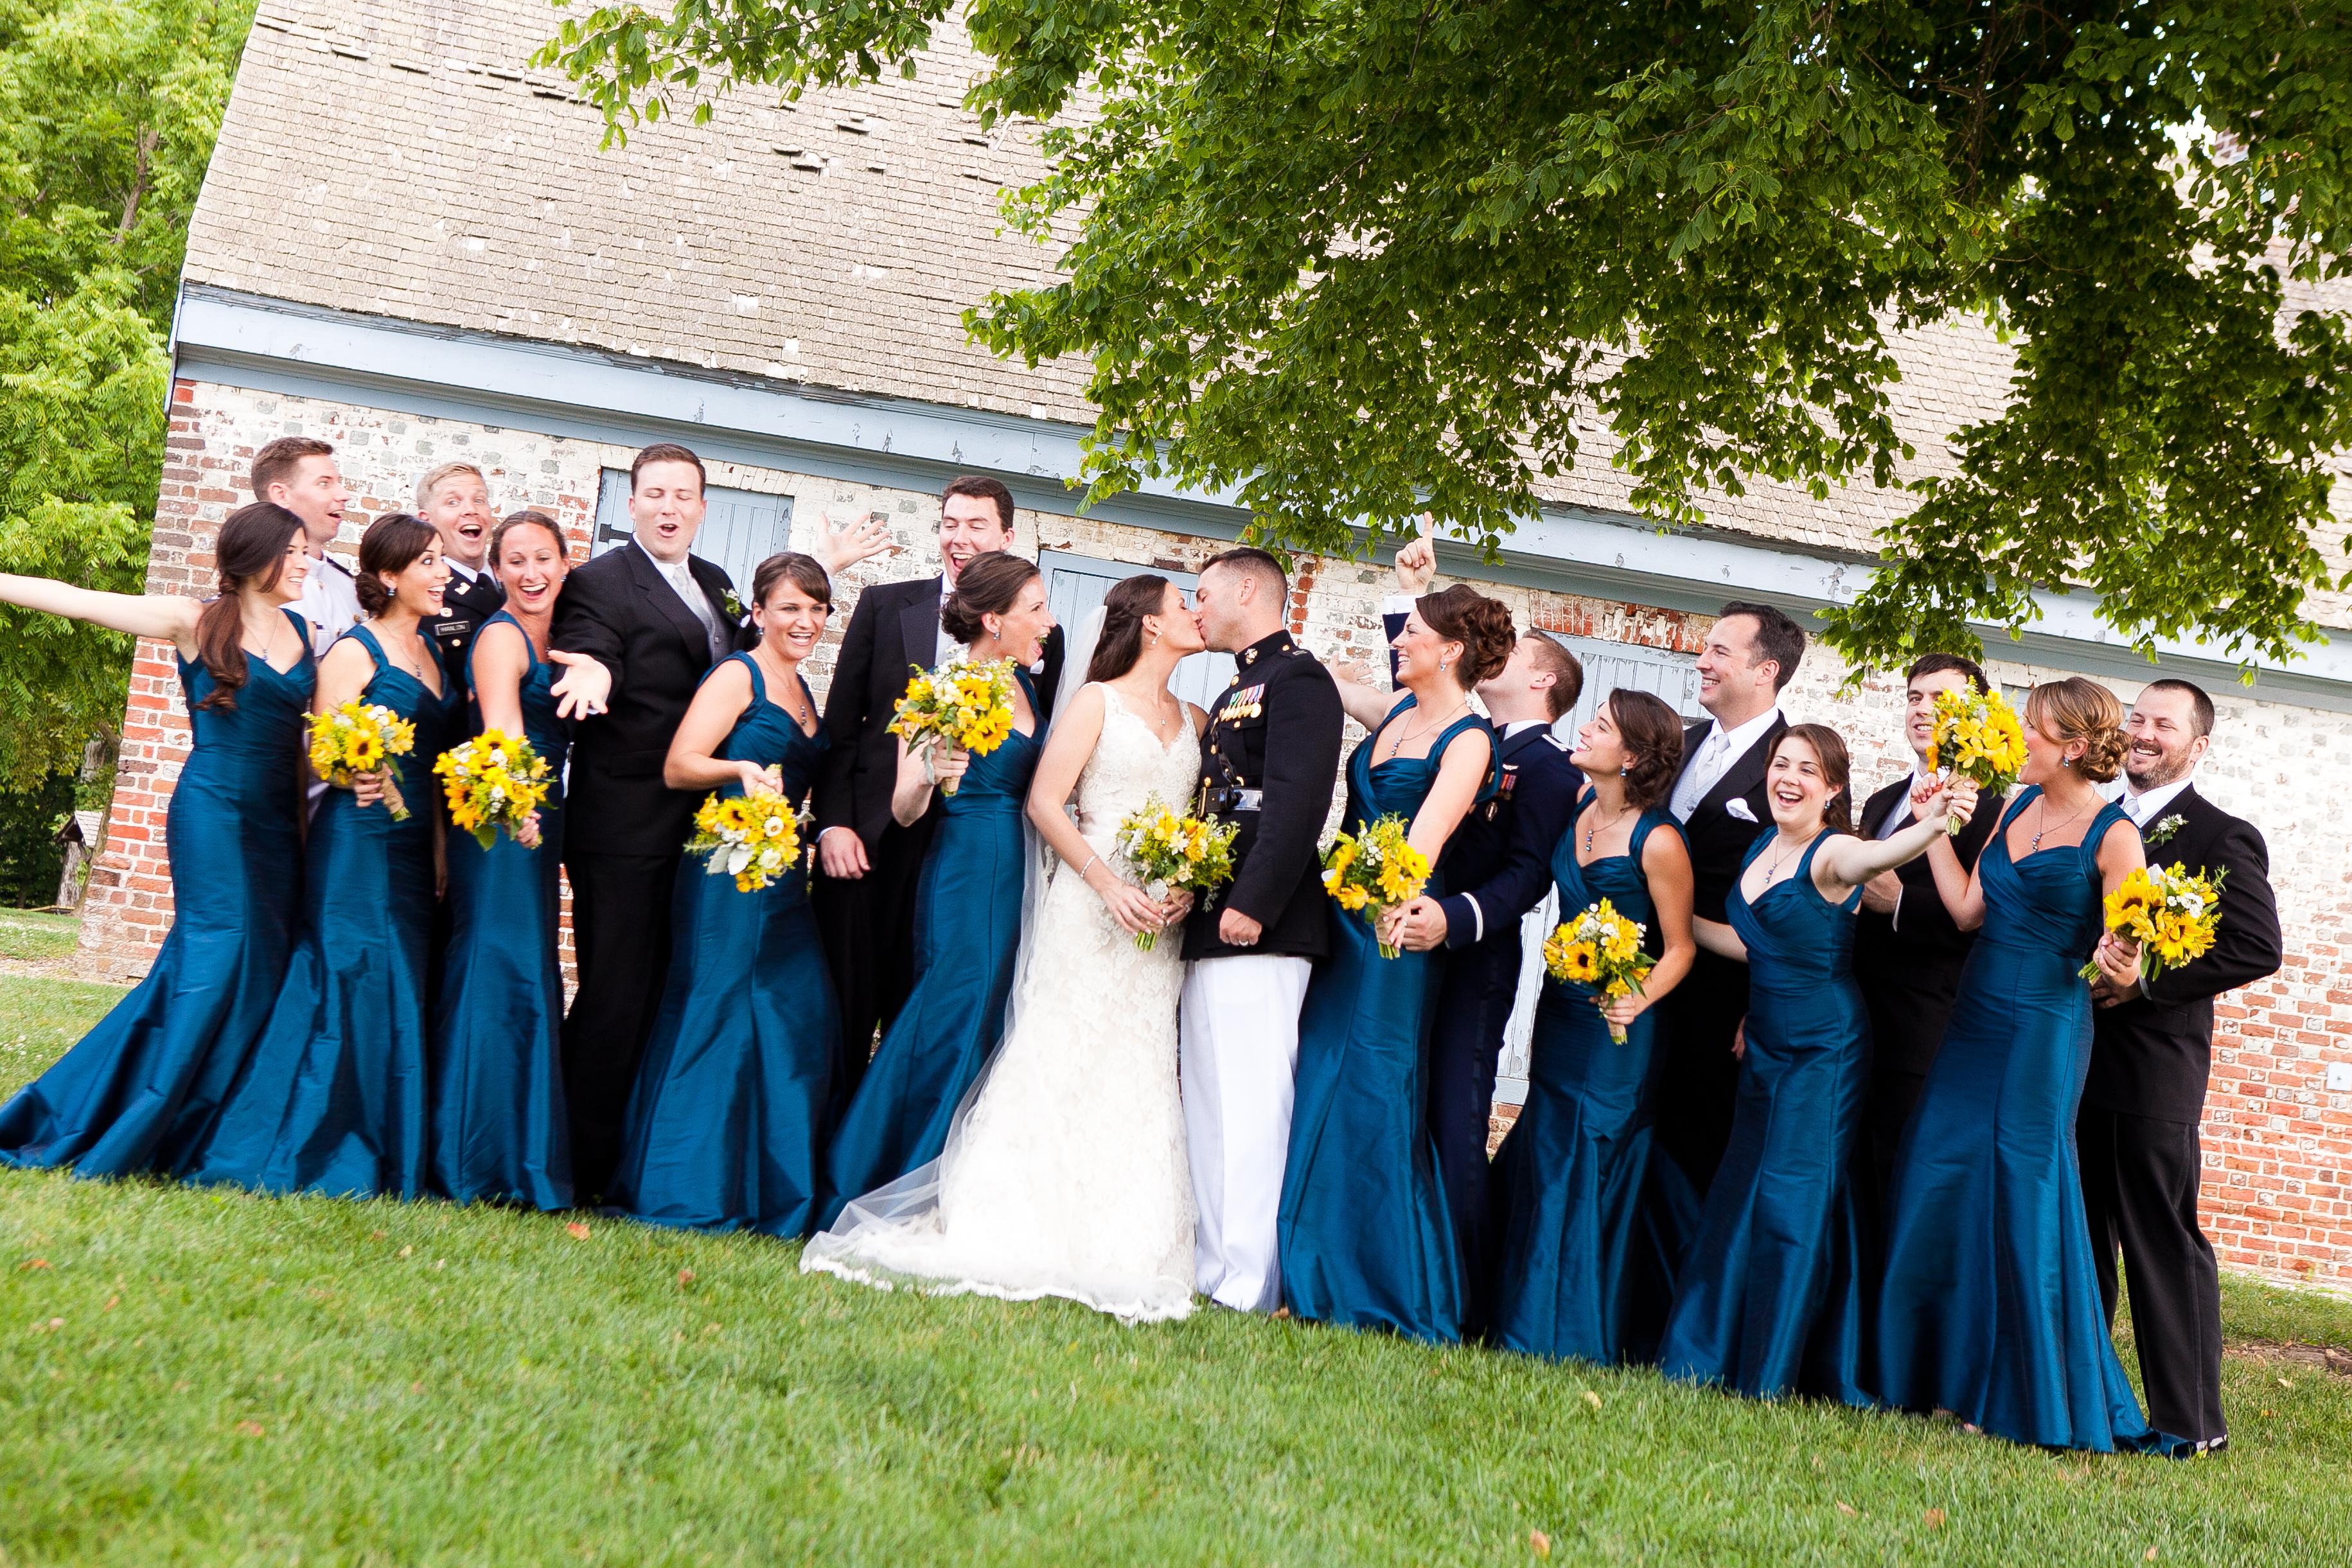 Weddings & Special Celebrations | Kingsmill Resort, Williamsburg VA